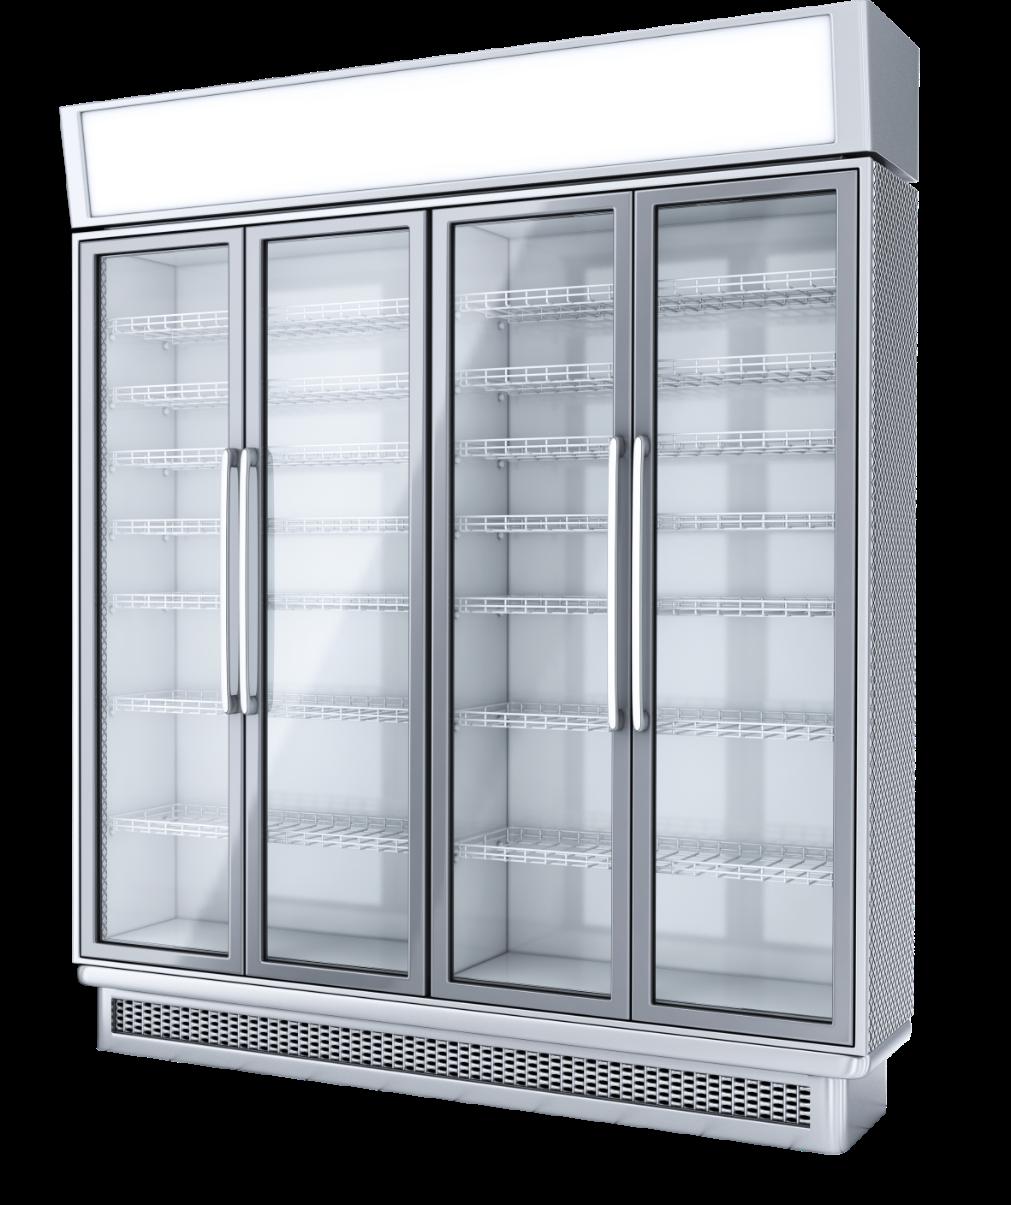 Soumission | Projet de réfrigération | Commercial